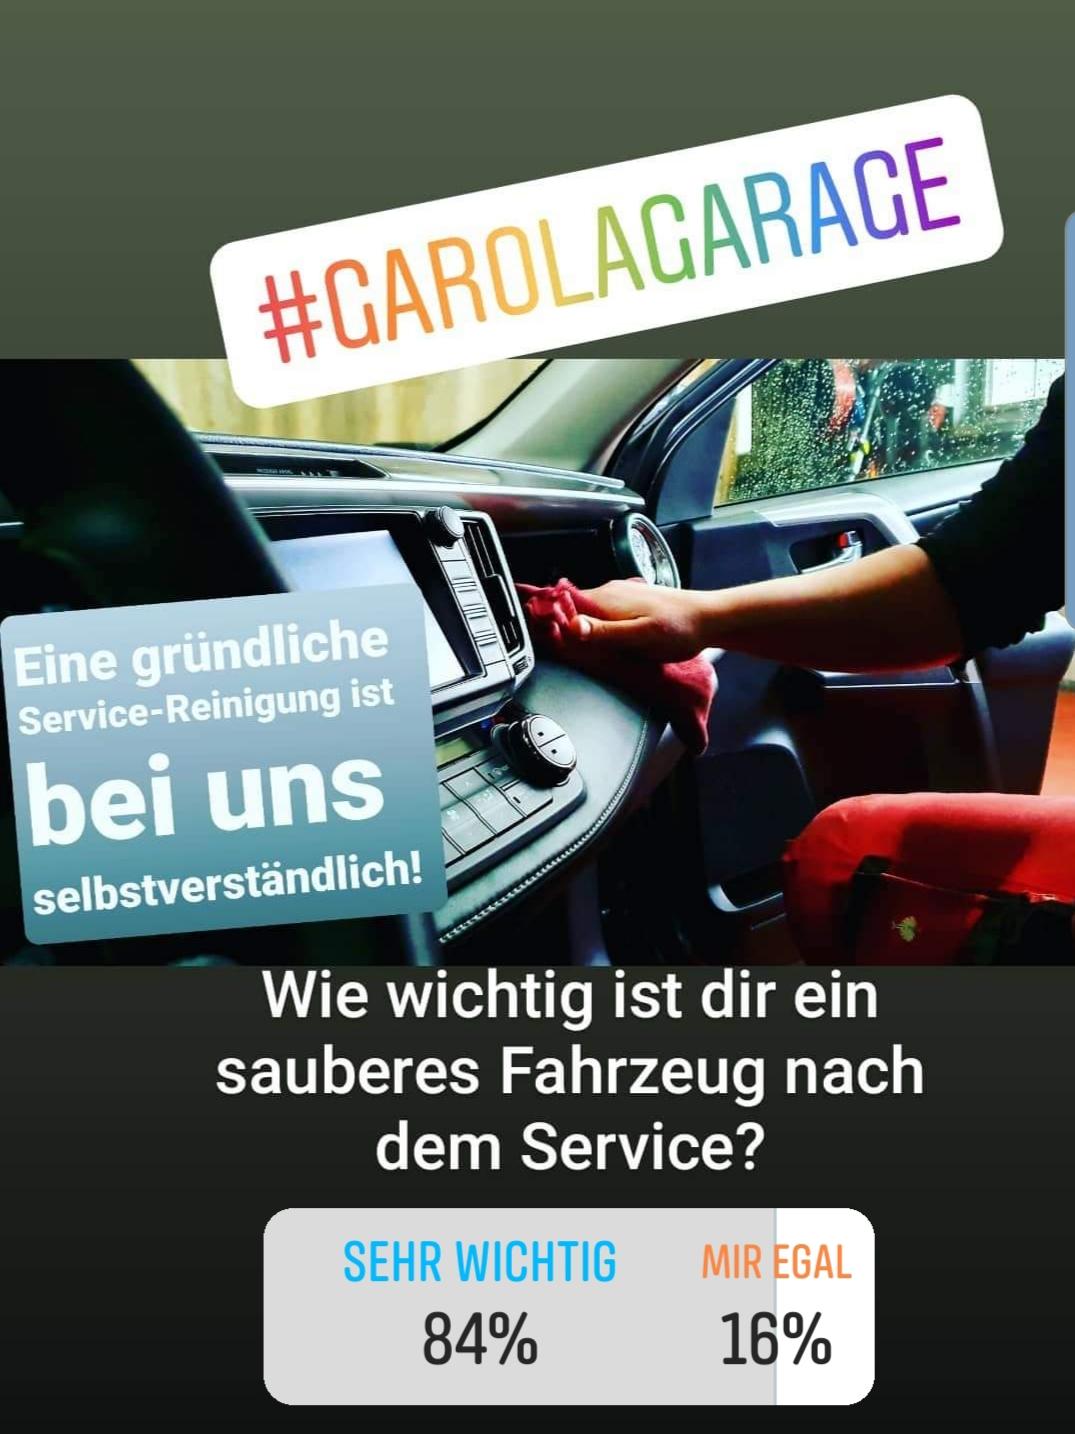 Garola-Garage Umfrage